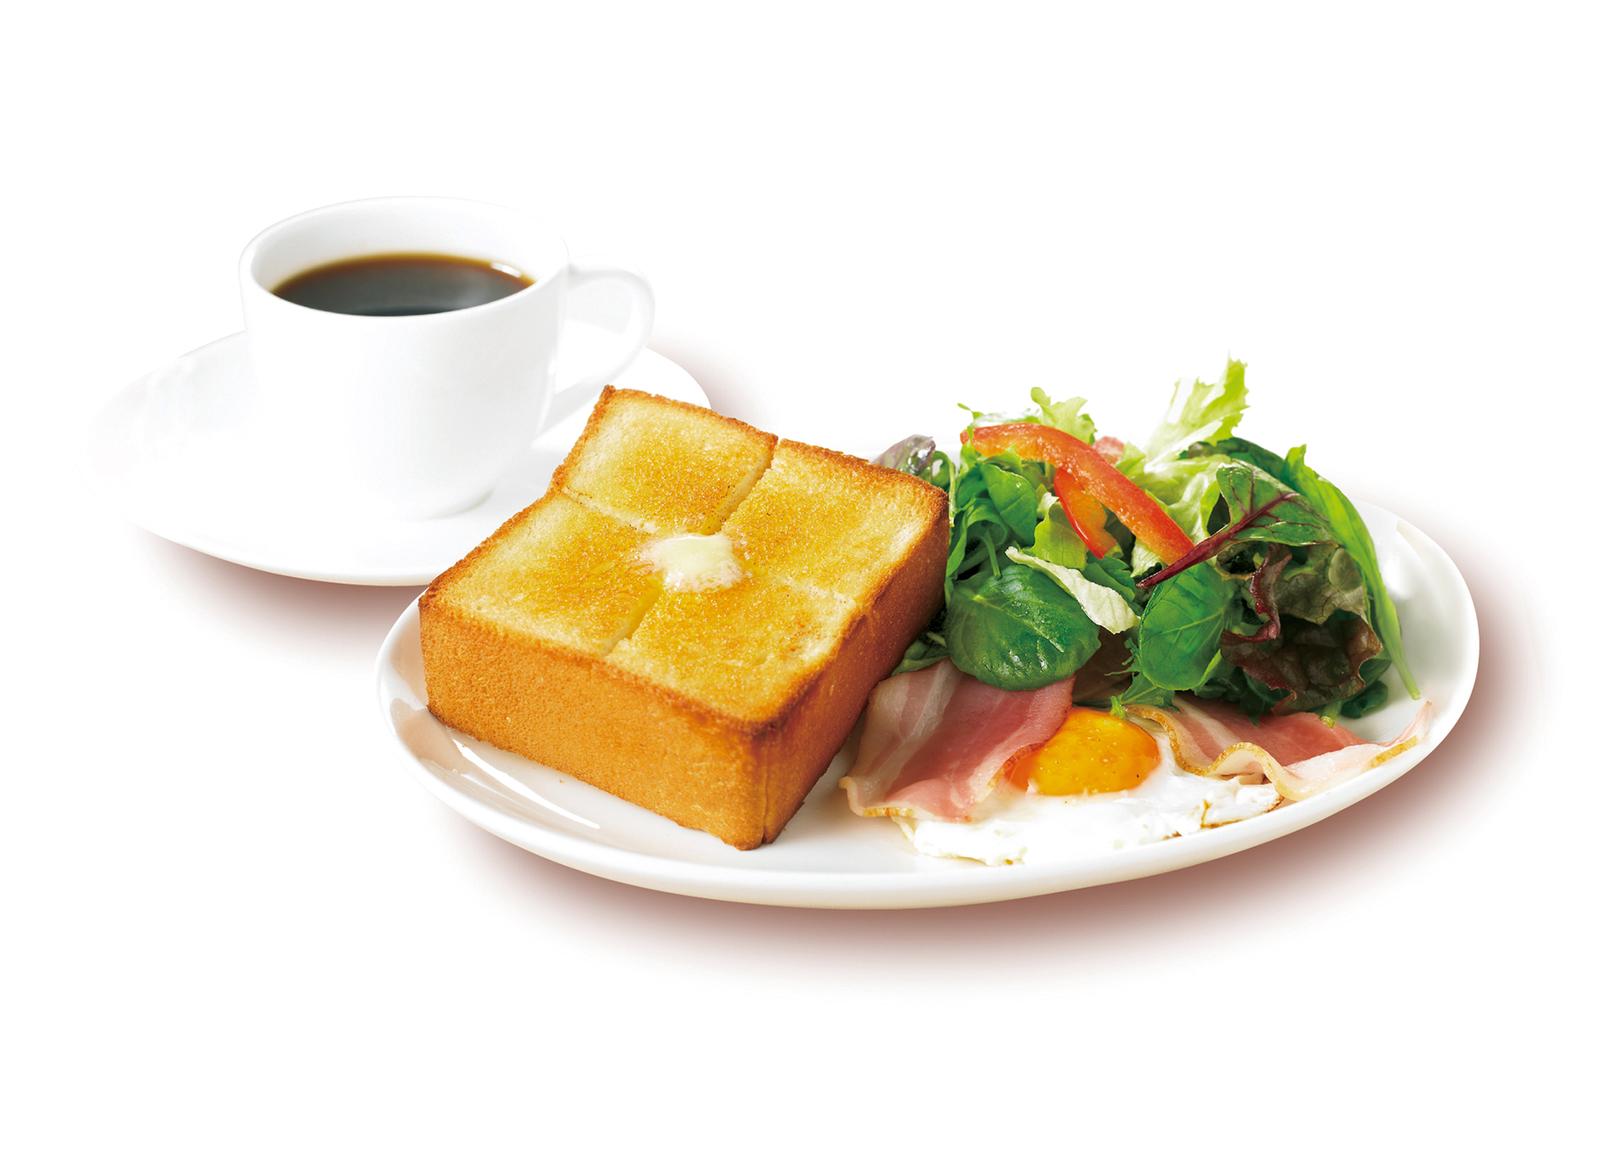 相鉄フレッサイン 東京赤坂 【キャッシュレスホテル】【スタンダード】 朝食付きプラン♪